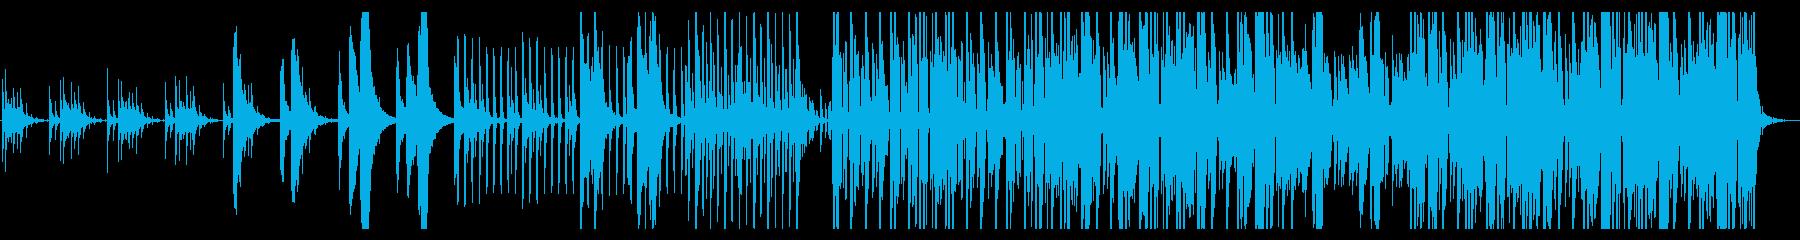 新世紀エレクトロニクス 心に強く訴...の再生済みの波形